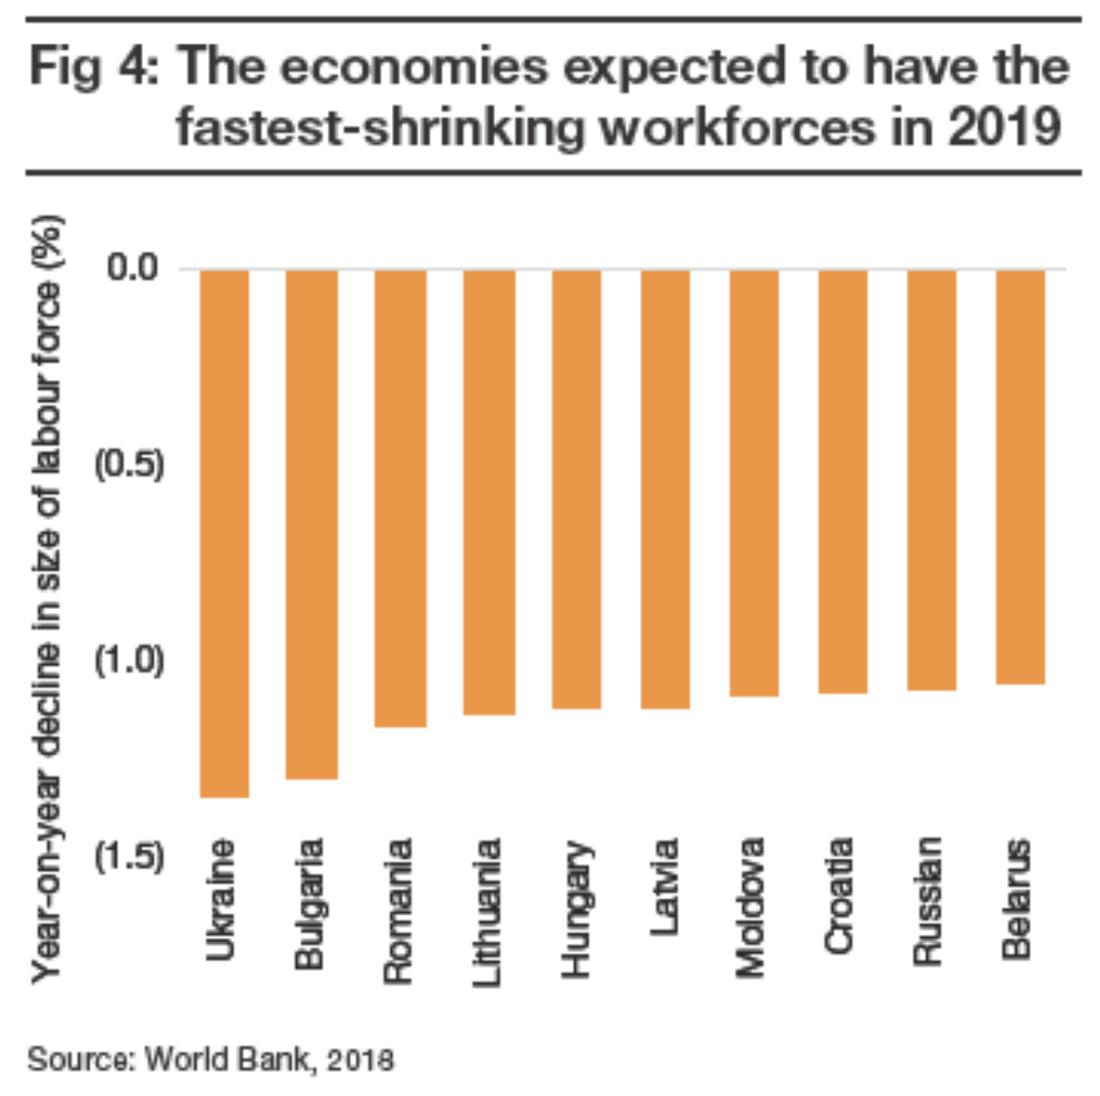 ТОП-10 стран с ожидаемым наибольшим сокращением рабочей силы в 2019